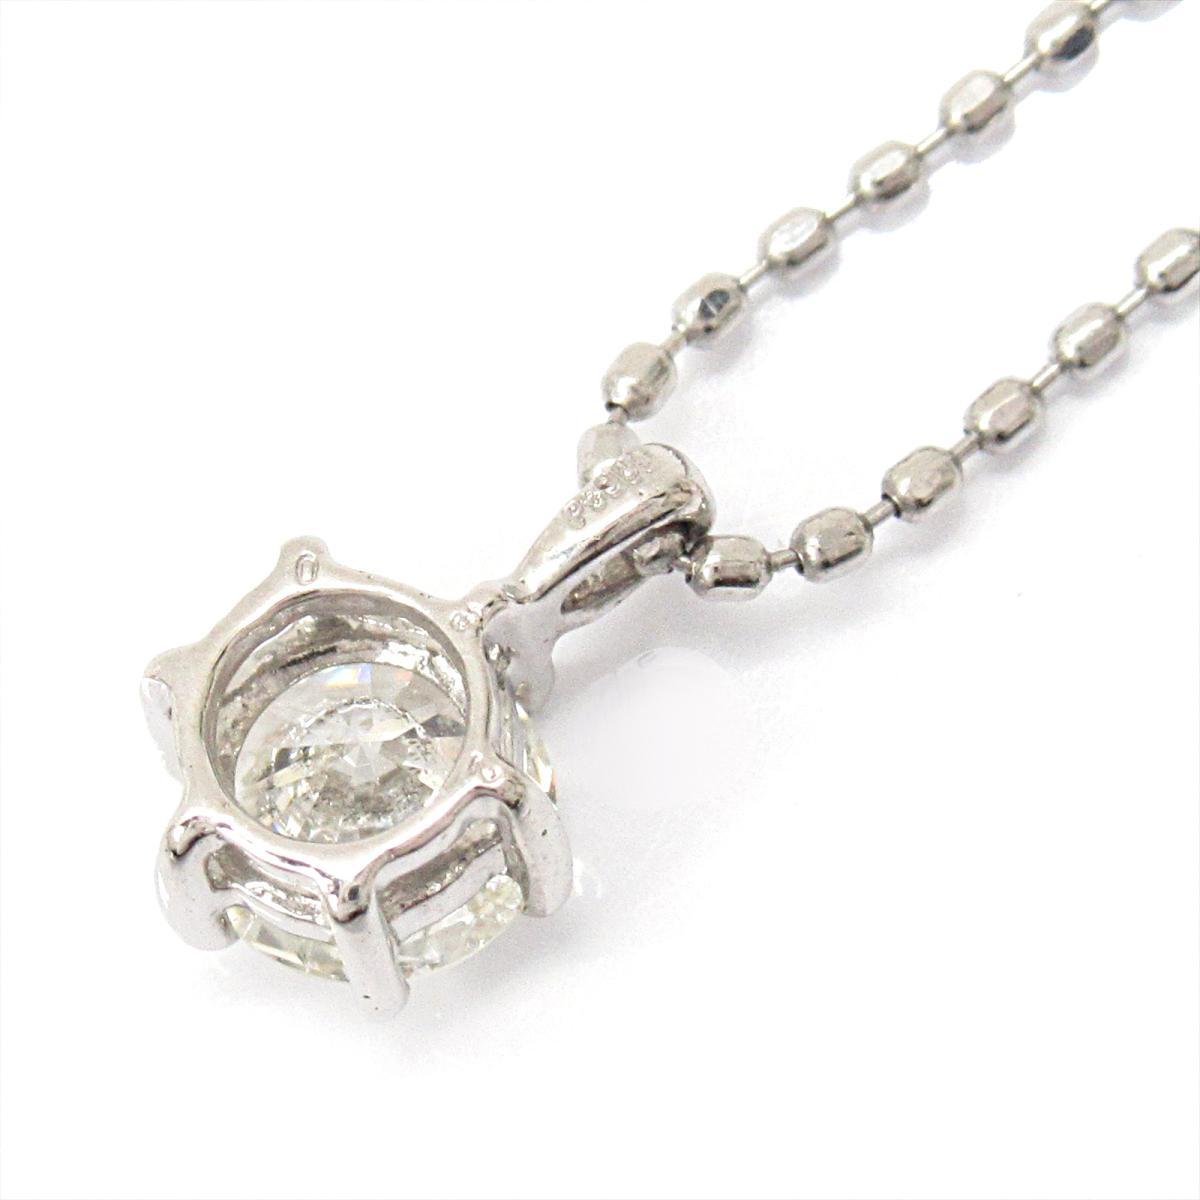 ジュエリー ダイヤモンドネックレス レディース PT900 プラチナxPT850 (プラチナ)xダイヤモンド (0.32ct) | JEWELRY BRANDOFF ブランドオフ ブランド アクセサリー ネックレス ペンダント